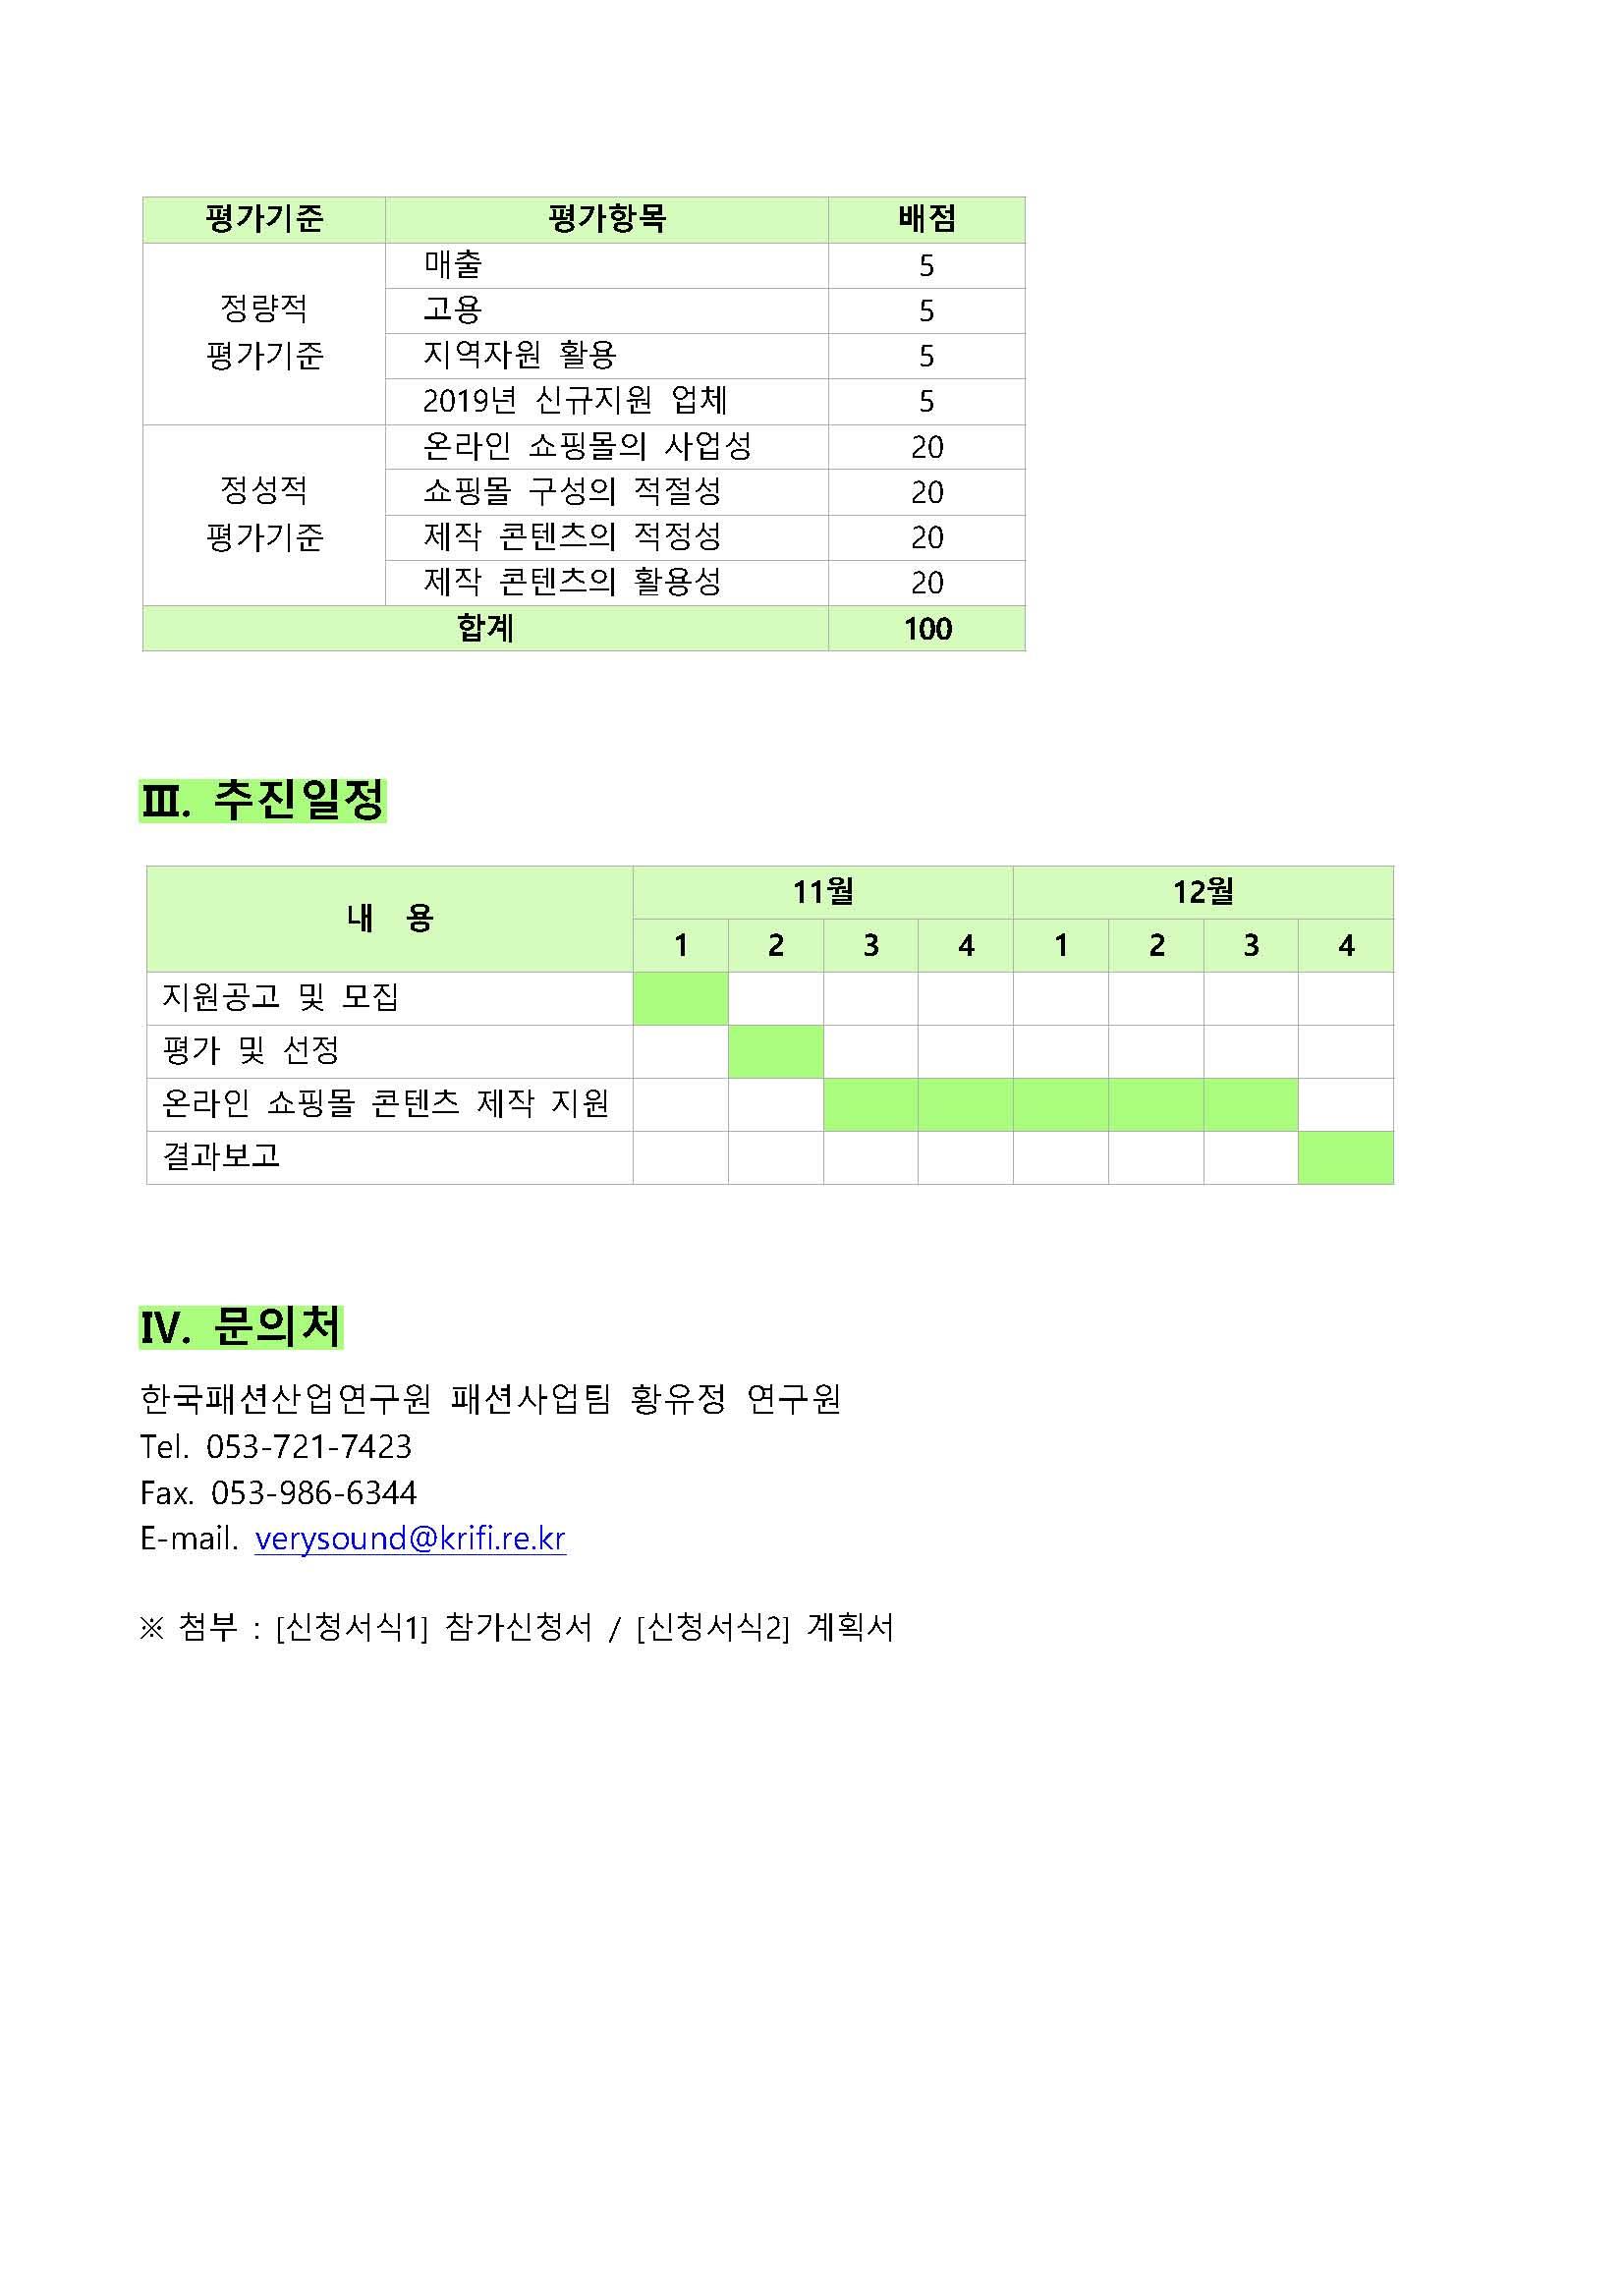 온라인 쇼핑몰 콘텐츠 제작 지원 모집공고(안)_페이지_3.jpg